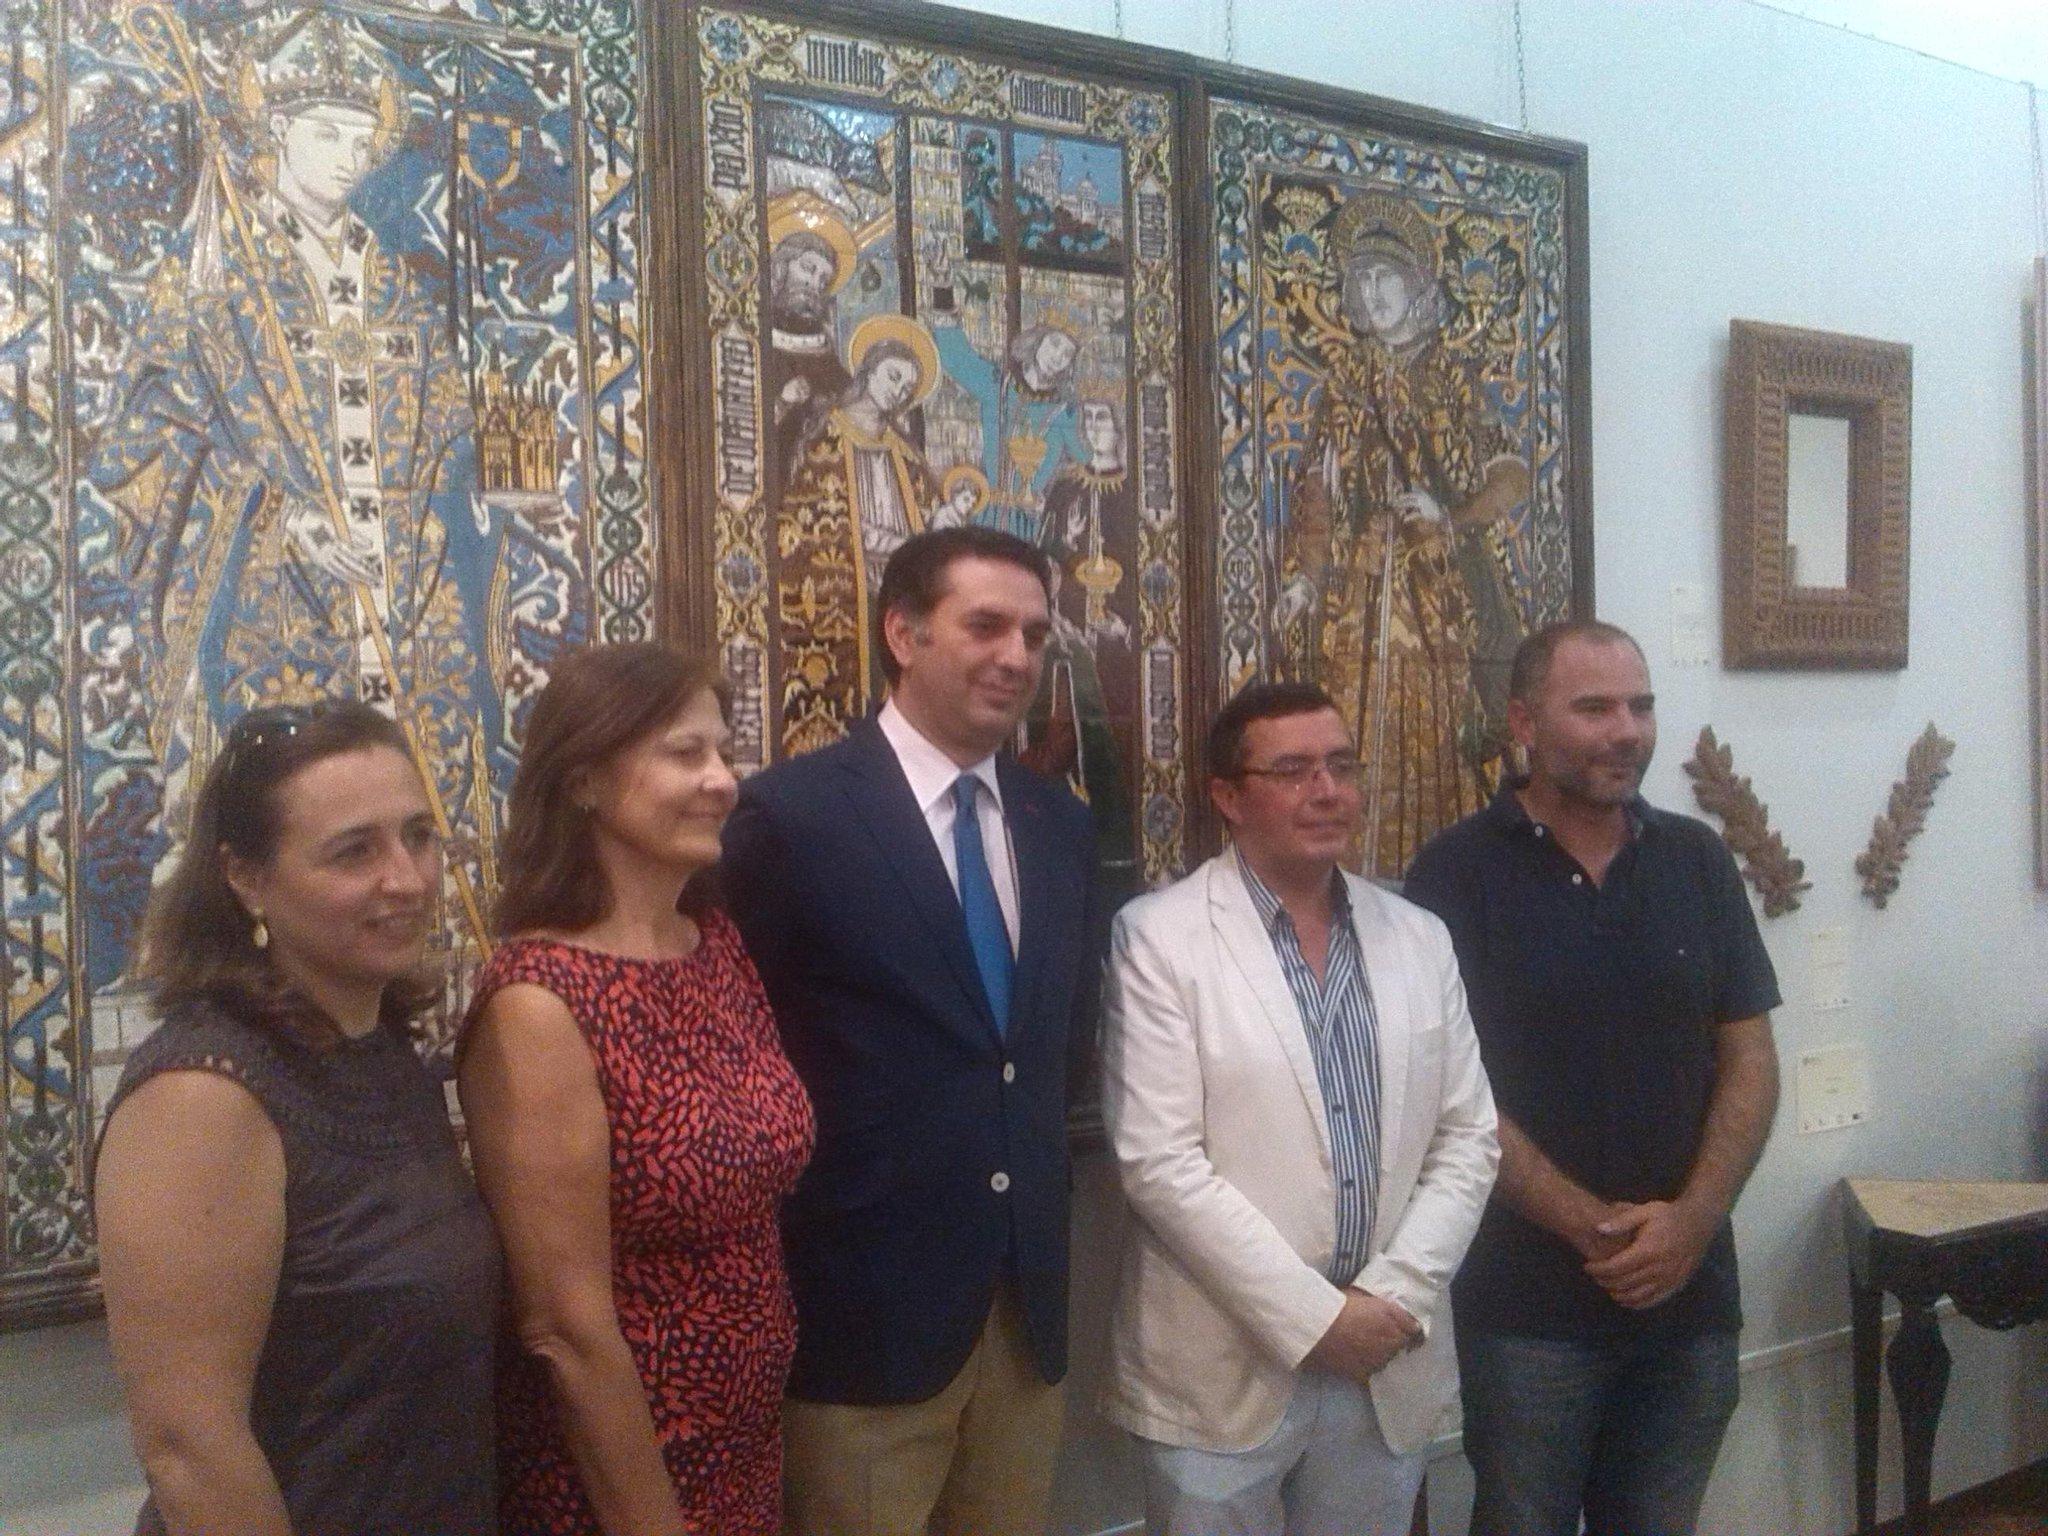 DelegadoGob @JaviFernandezHd inaugura en @cmisevilla Exposición Curso 2013-14 @escdellarobbia con piezas de artesanía http://t.co/CYLgsuQEsh